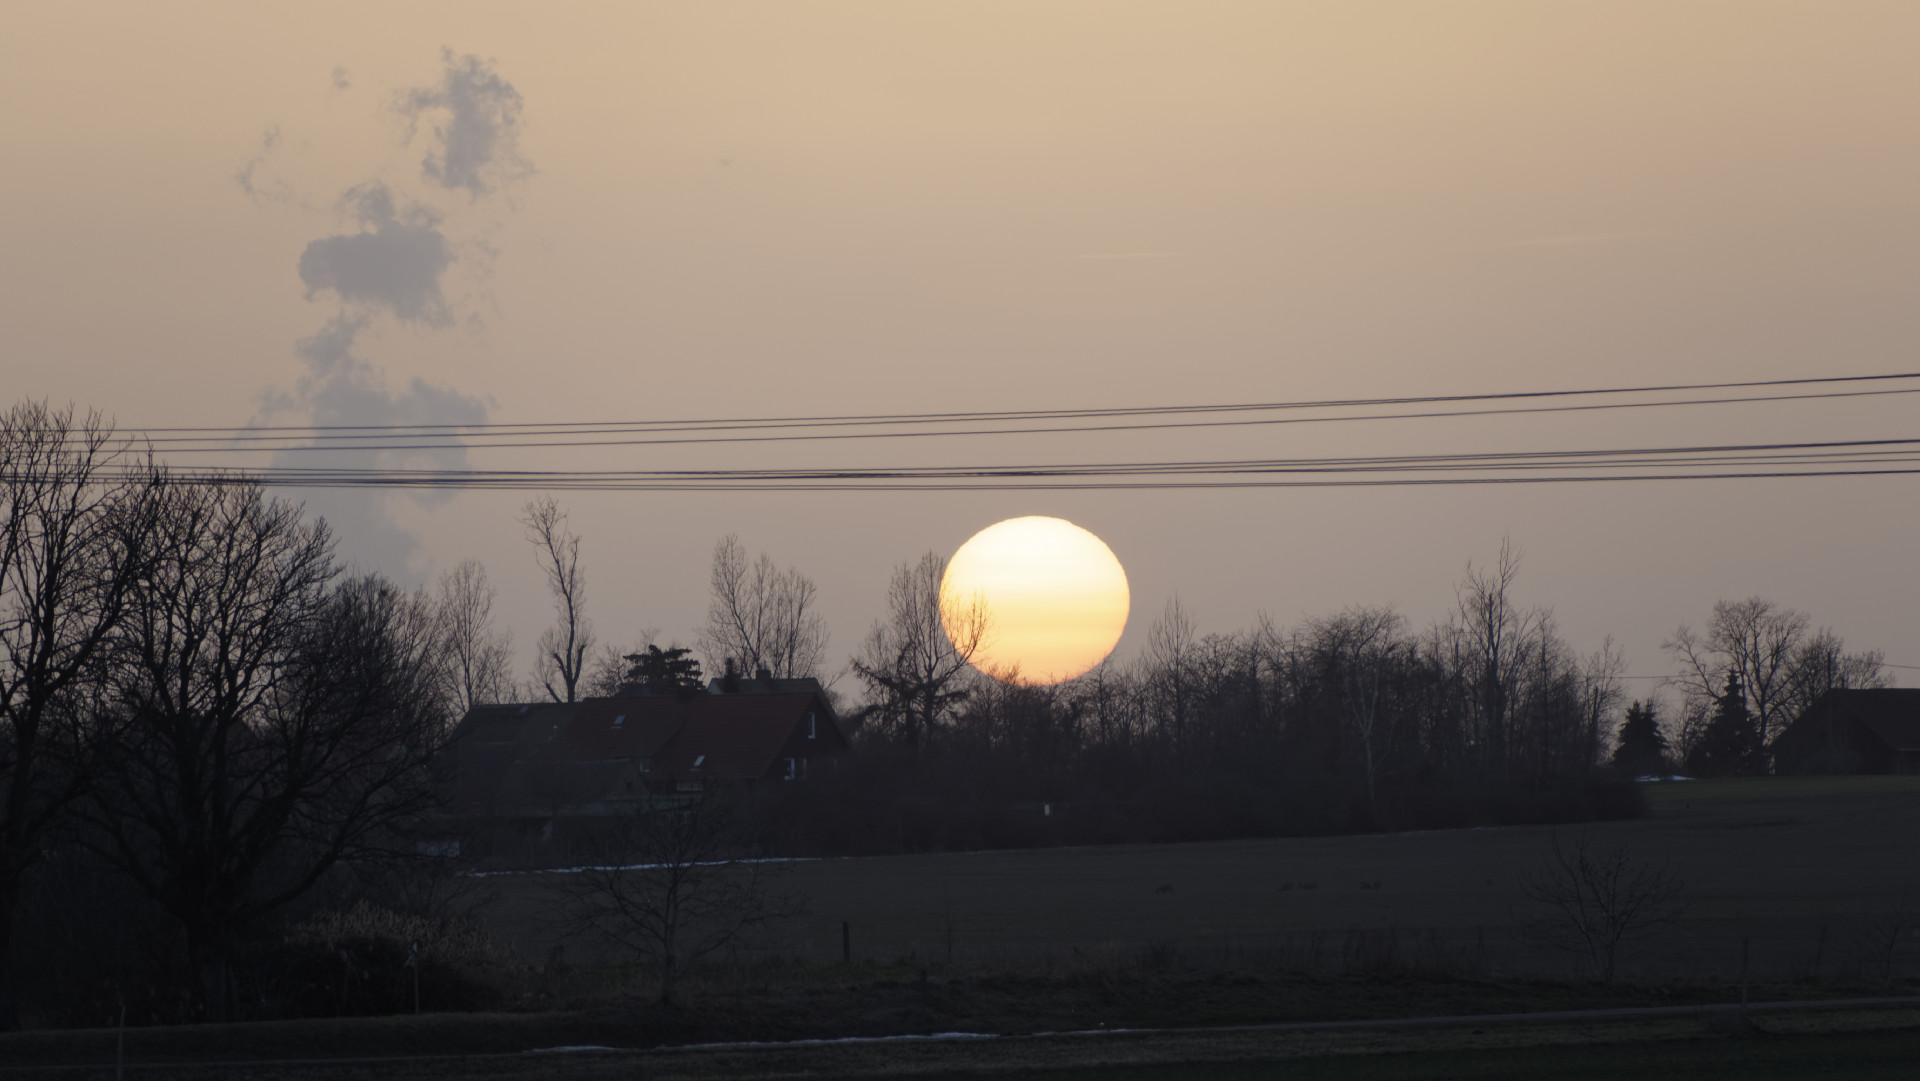 Sonnenuntergang am 23.2.2020 bei Leipzig ohne Abendrot. Der Saharastaub sorgte dafür, dass die Sonne eher blass unterging. Der Farbverlauf von weiß nach gelb deutet darauf hin, dass sich in der untersten Luftschicht Saharastaub mit kleineren Partikeln aus der Luftverschmutzung mischt. Foto: Tilo Arnhold, TROPOS